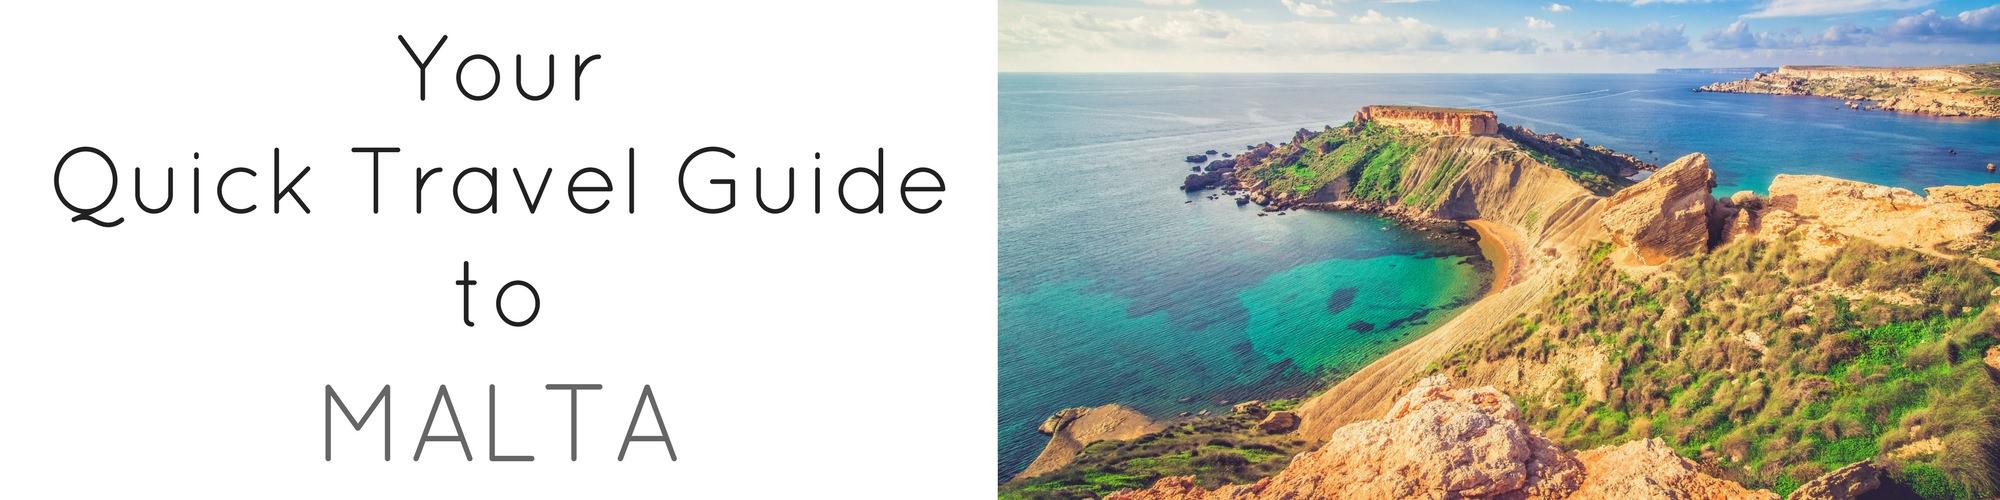 Quick Travel Guide to Malta